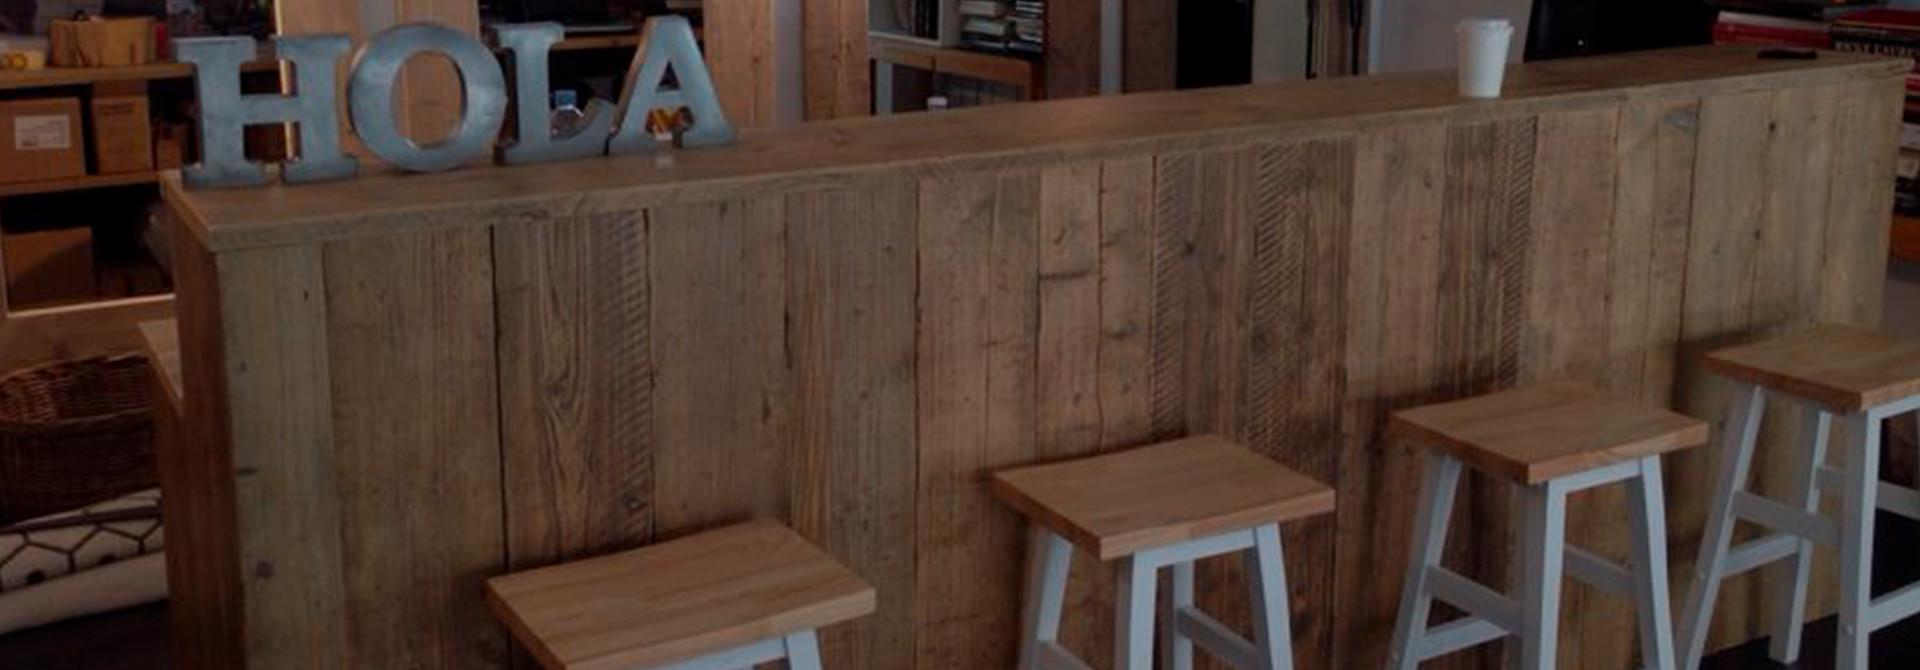 Vivamadera muebles de madera de excelente calidad | Tuo Agency